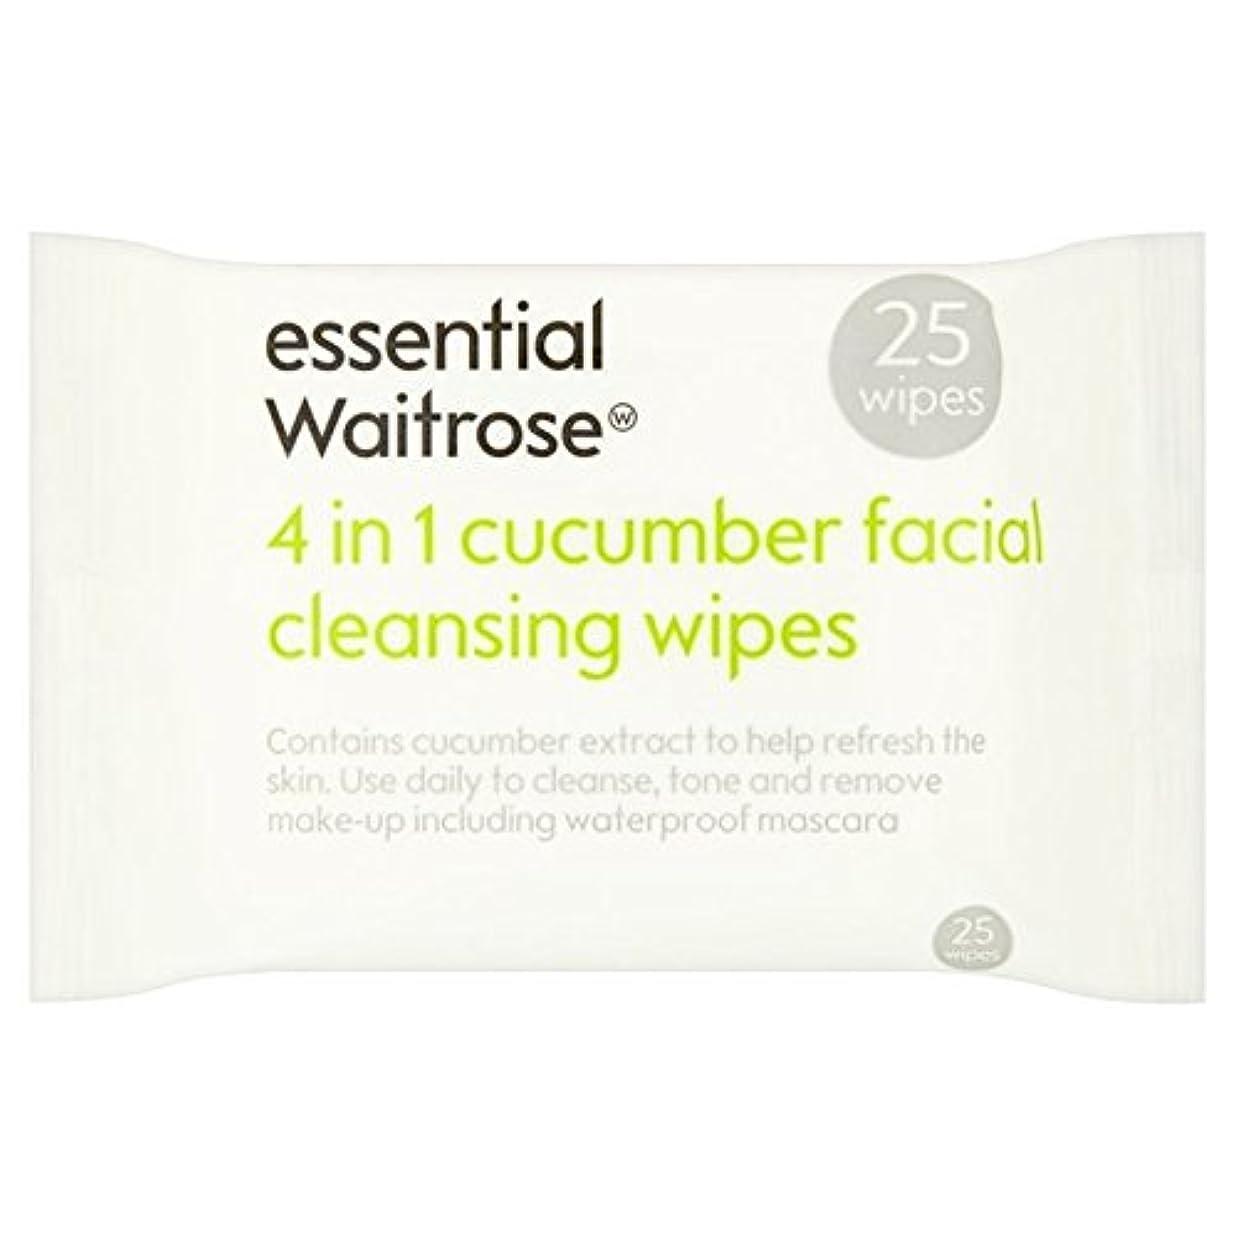 病院ギャップ滅多Cucumber Facial Wipes essential Waitrose 25 per pack - キュウリ顔のワイプパックあたり不可欠ウェイトローズ25 [並行輸入品]